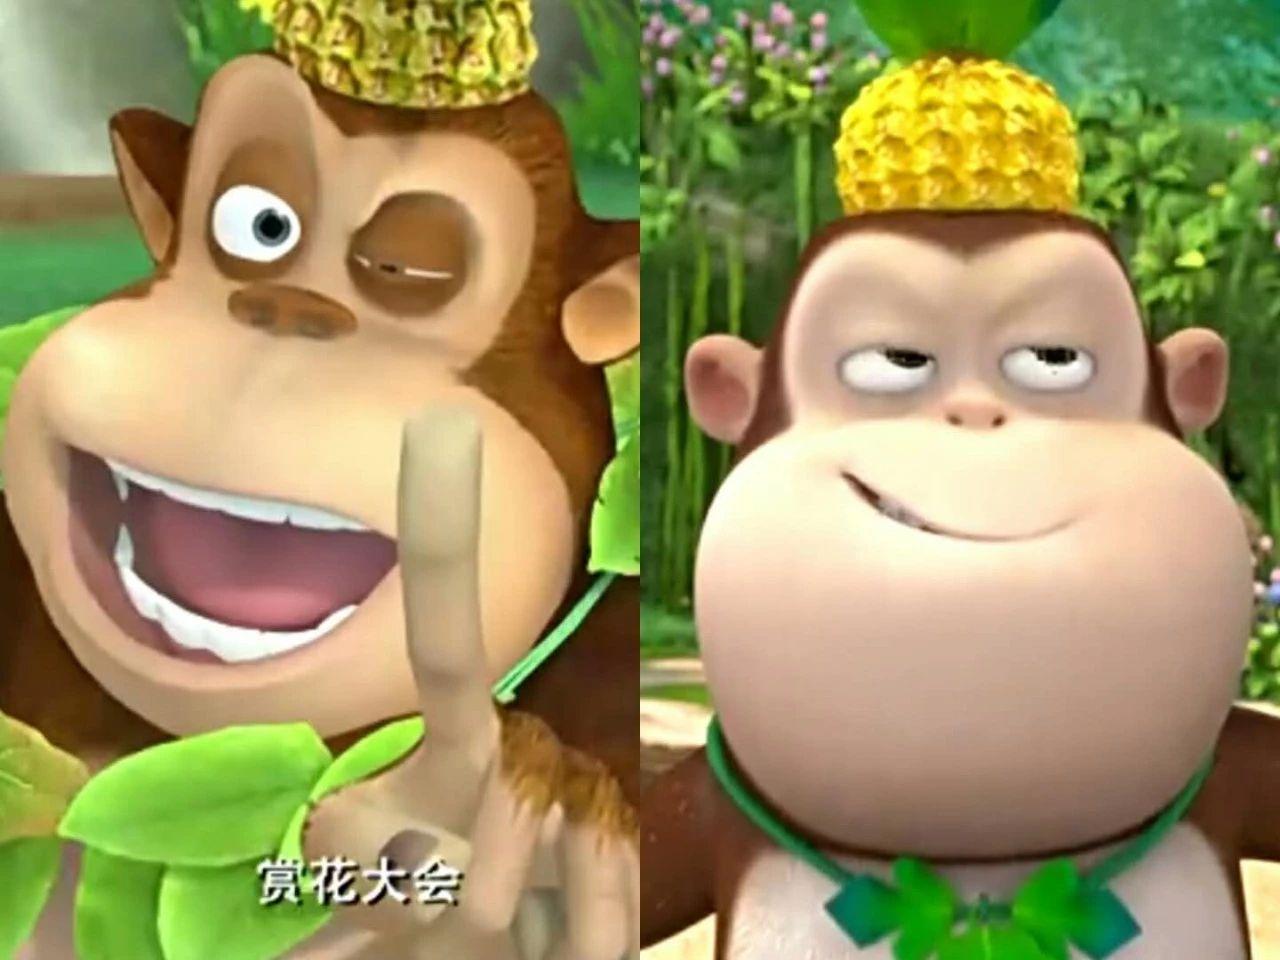 吉吉人与动物色情网_抄袭必究) 吉吉是一只性格很高傲的猴子,喜欢别的动物们称呼它为吉吉